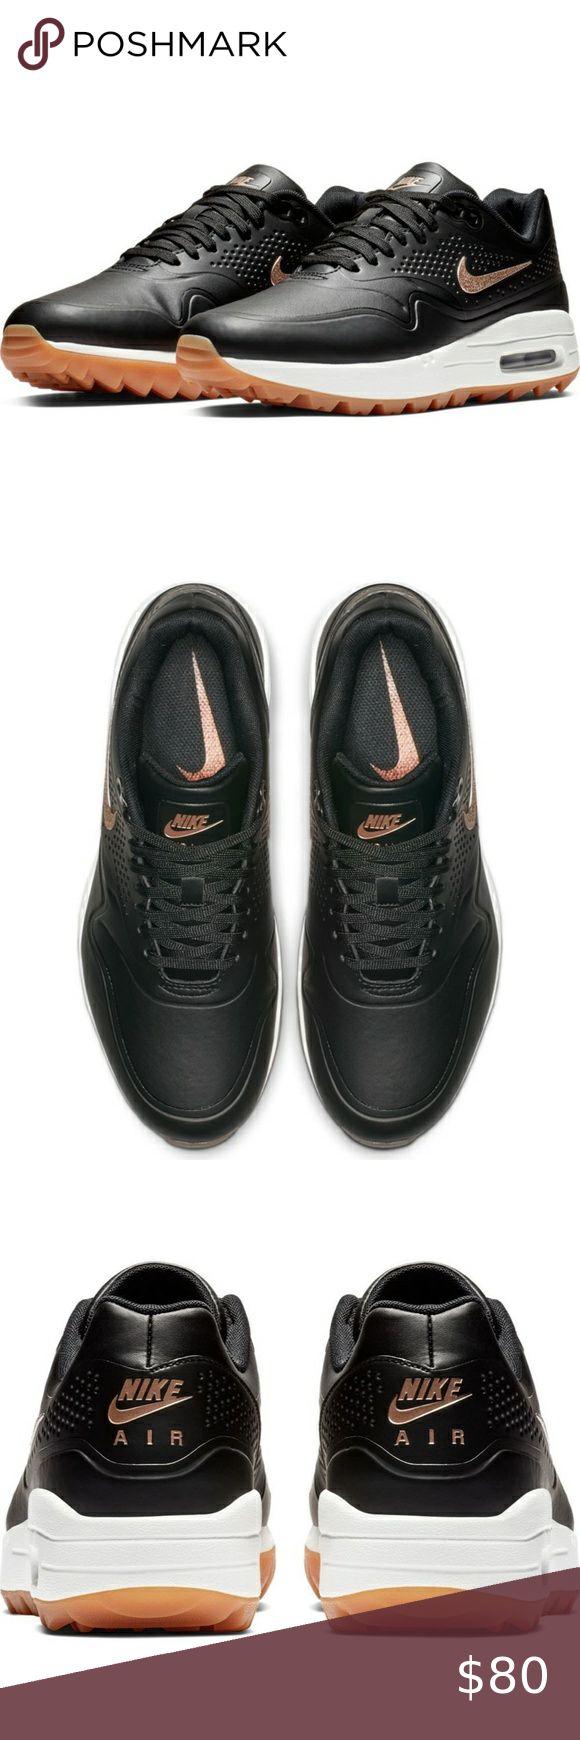 New Nike Air Max 1 G Golf Shoes AQ0865-002 Black   Nike air max ...